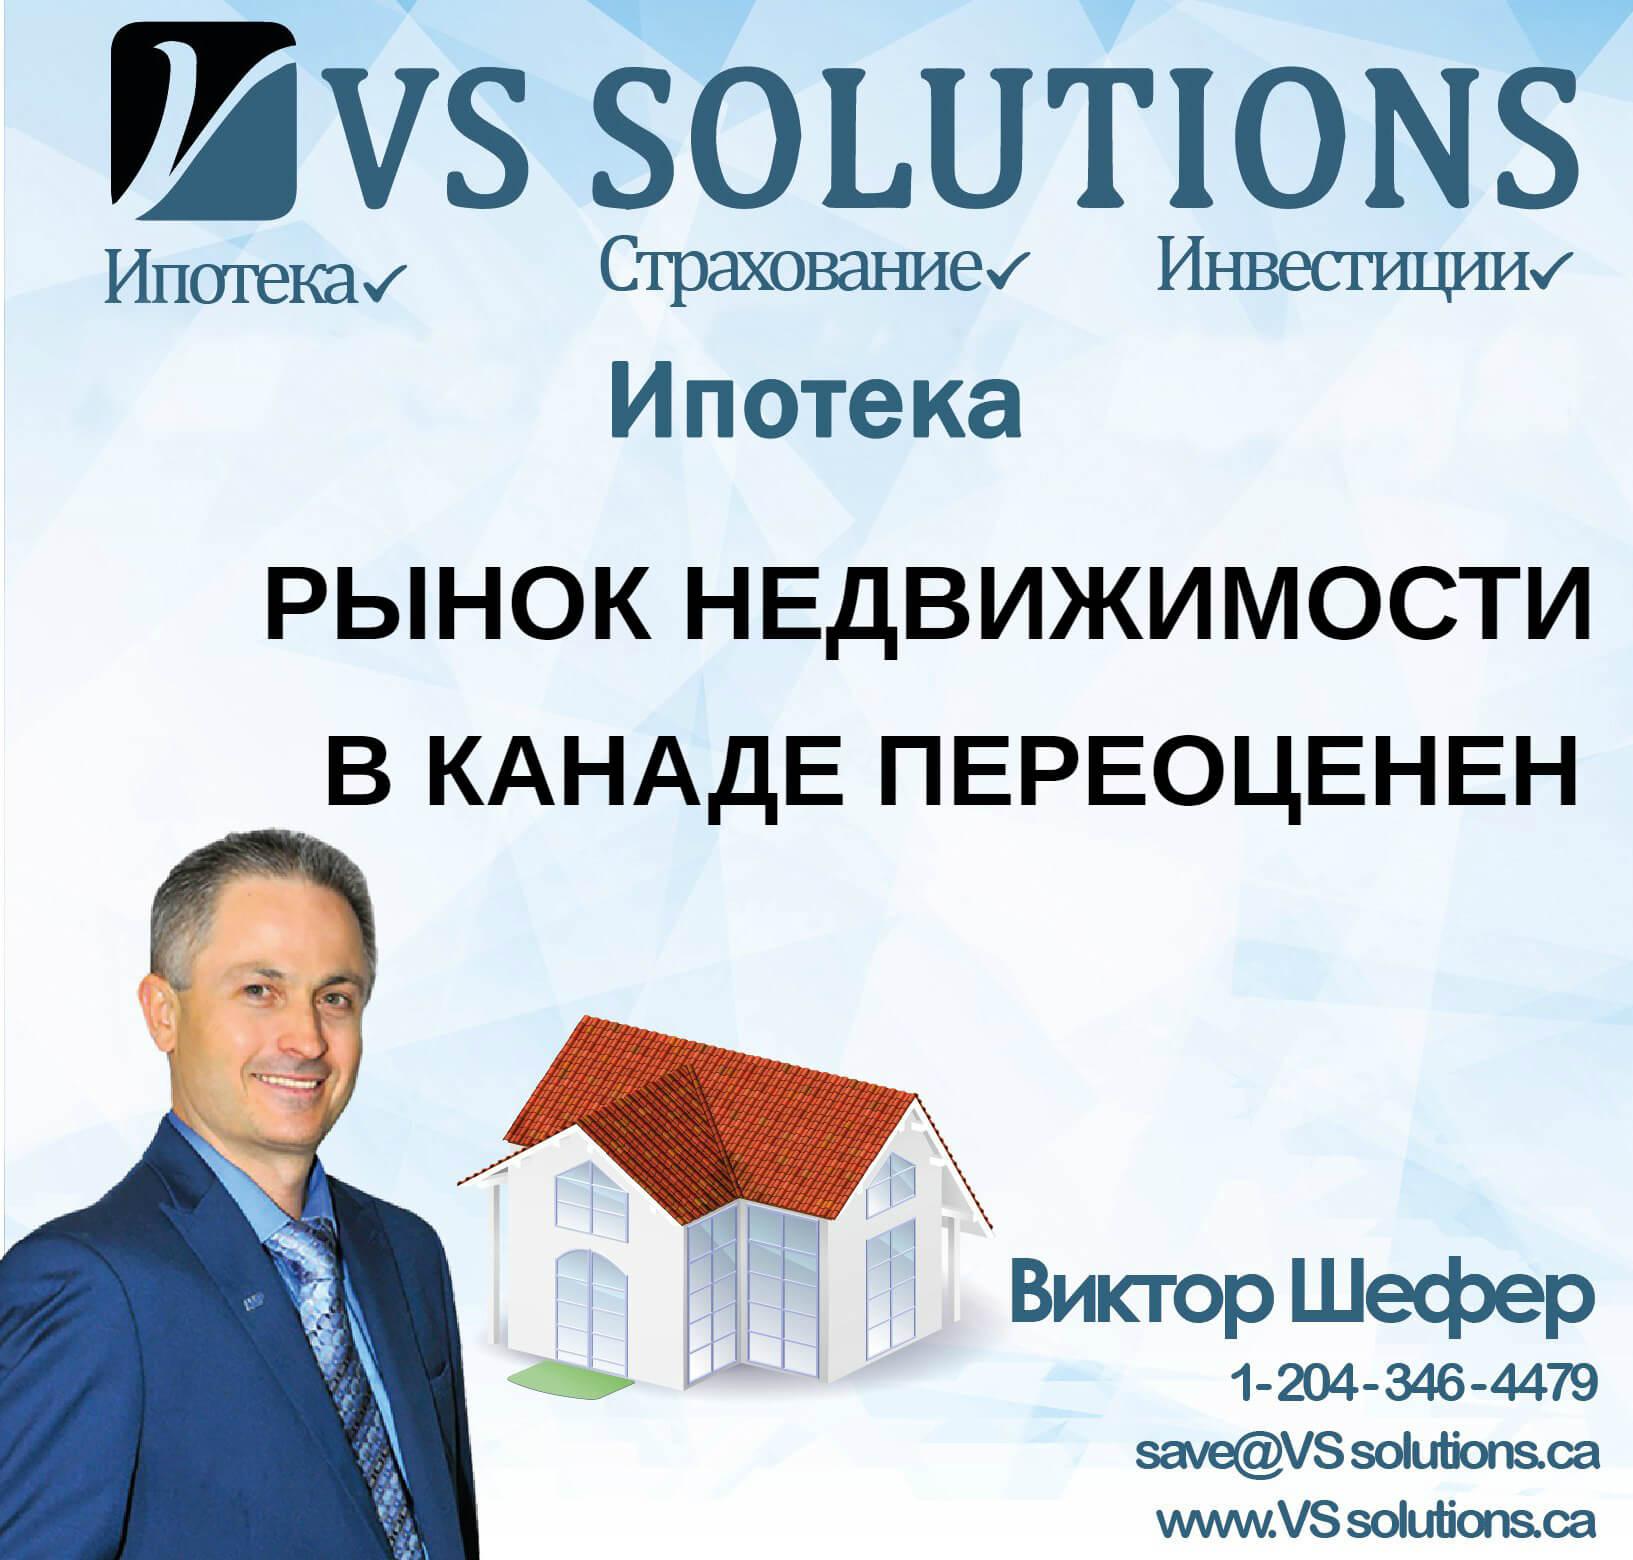 Купить ссылку недвижимости